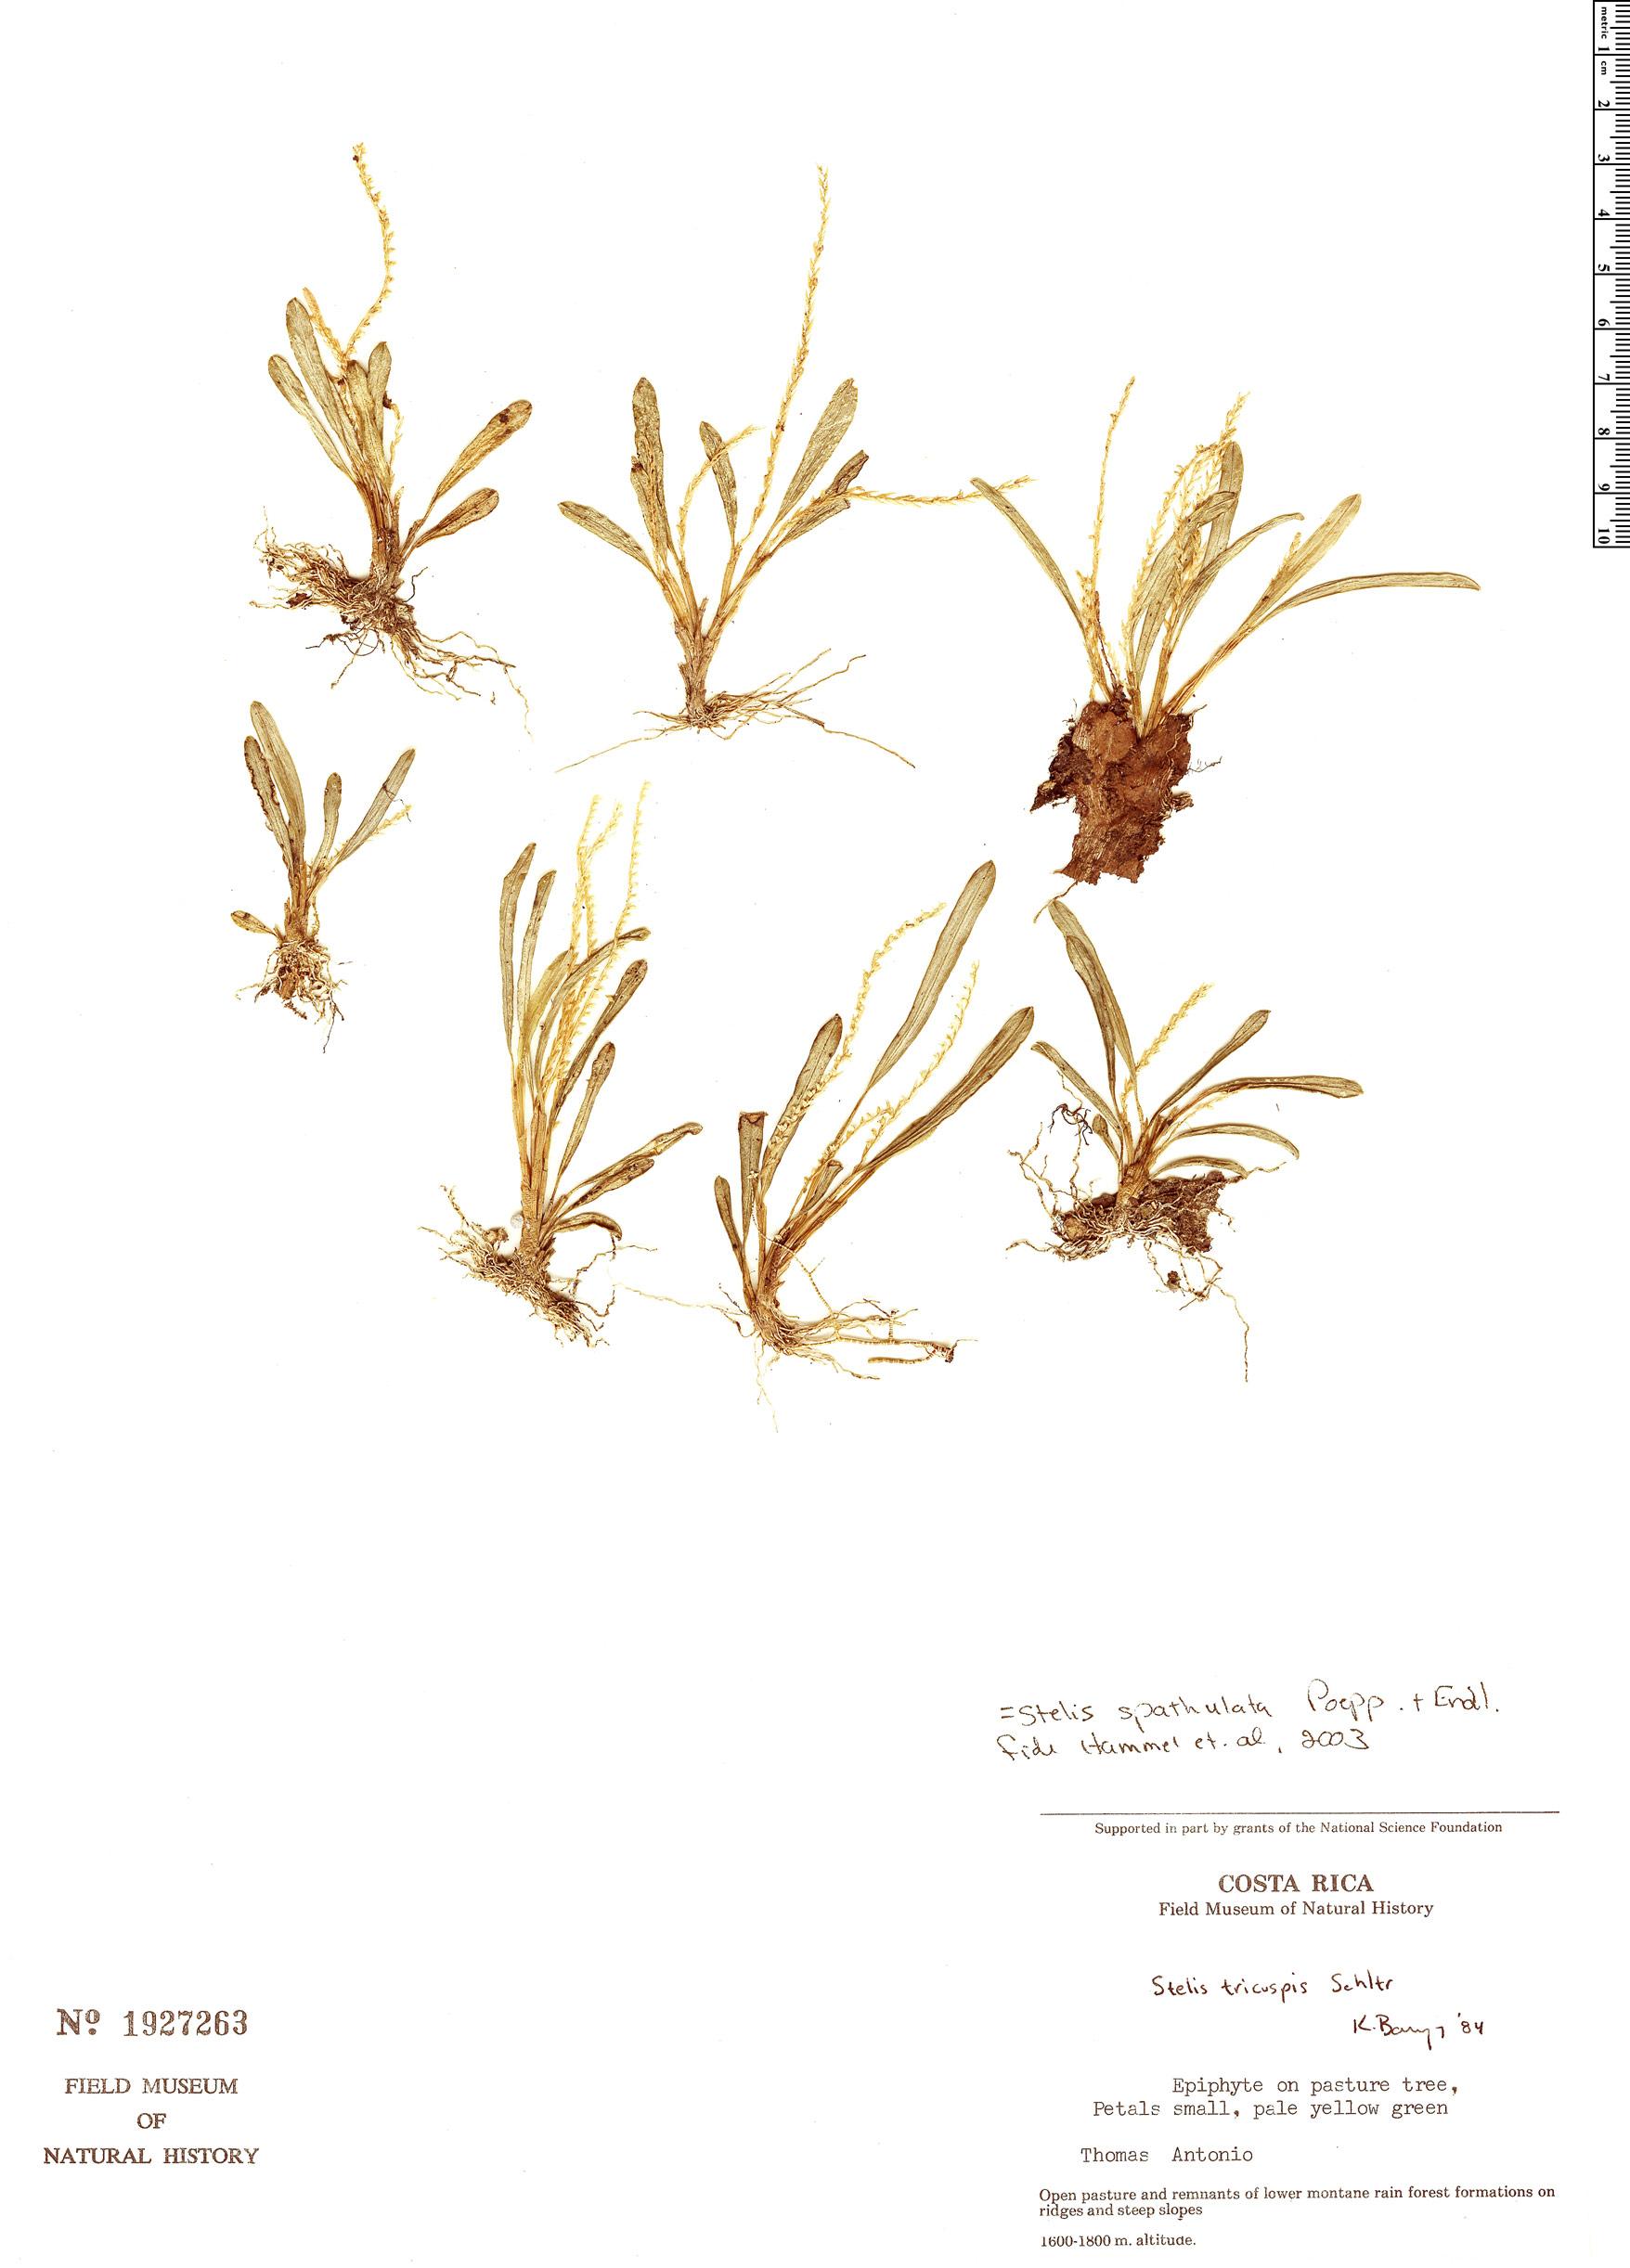 Espécime: Stelis spathulata